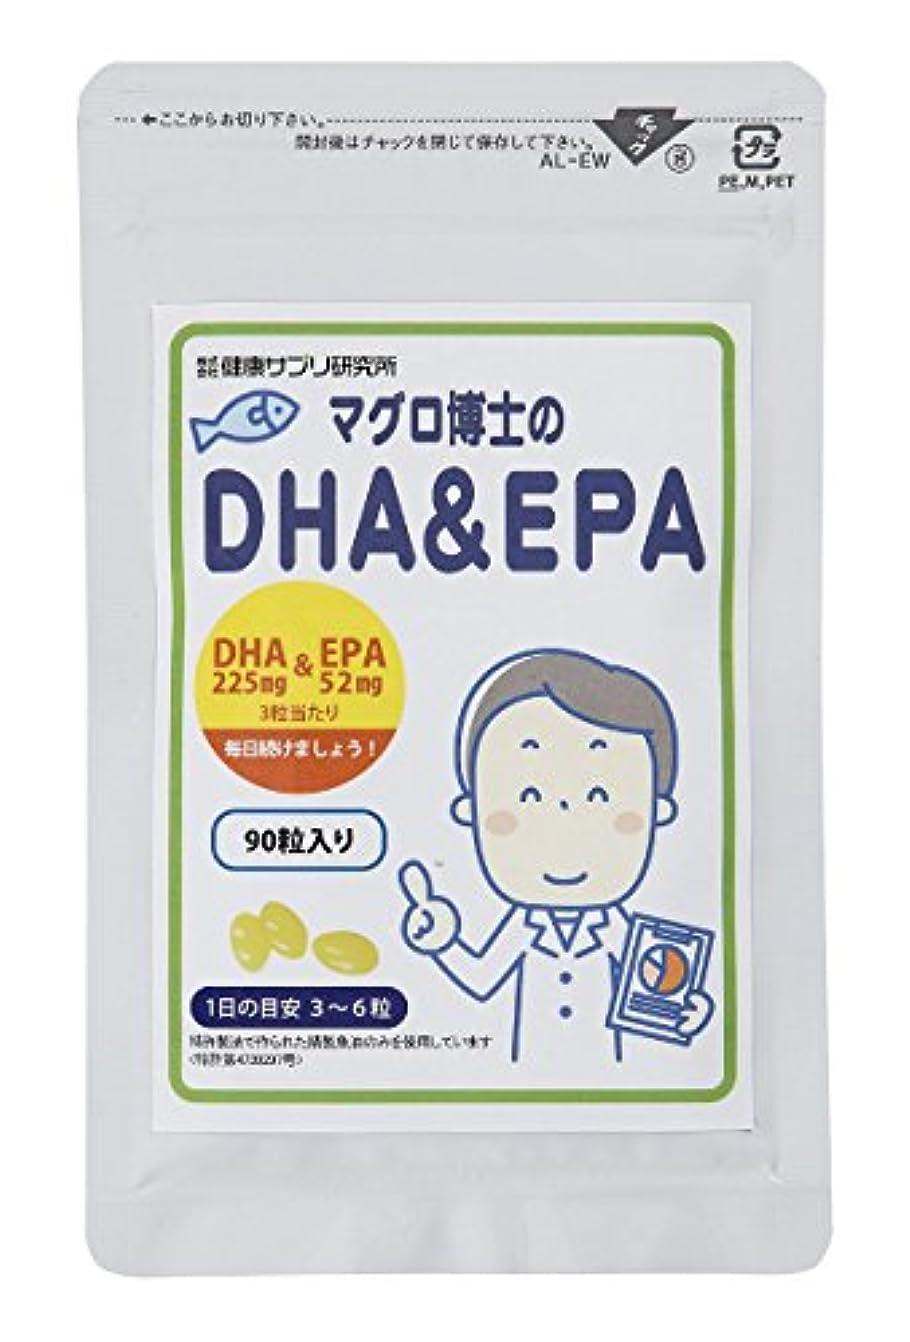 槍薬剤師報酬の健康サプリ研究所 マグロ博士のDHA&EPA 90粒【 DHA EPA】3粒でお刺身約2~2人前のDHA?EPAを摂取